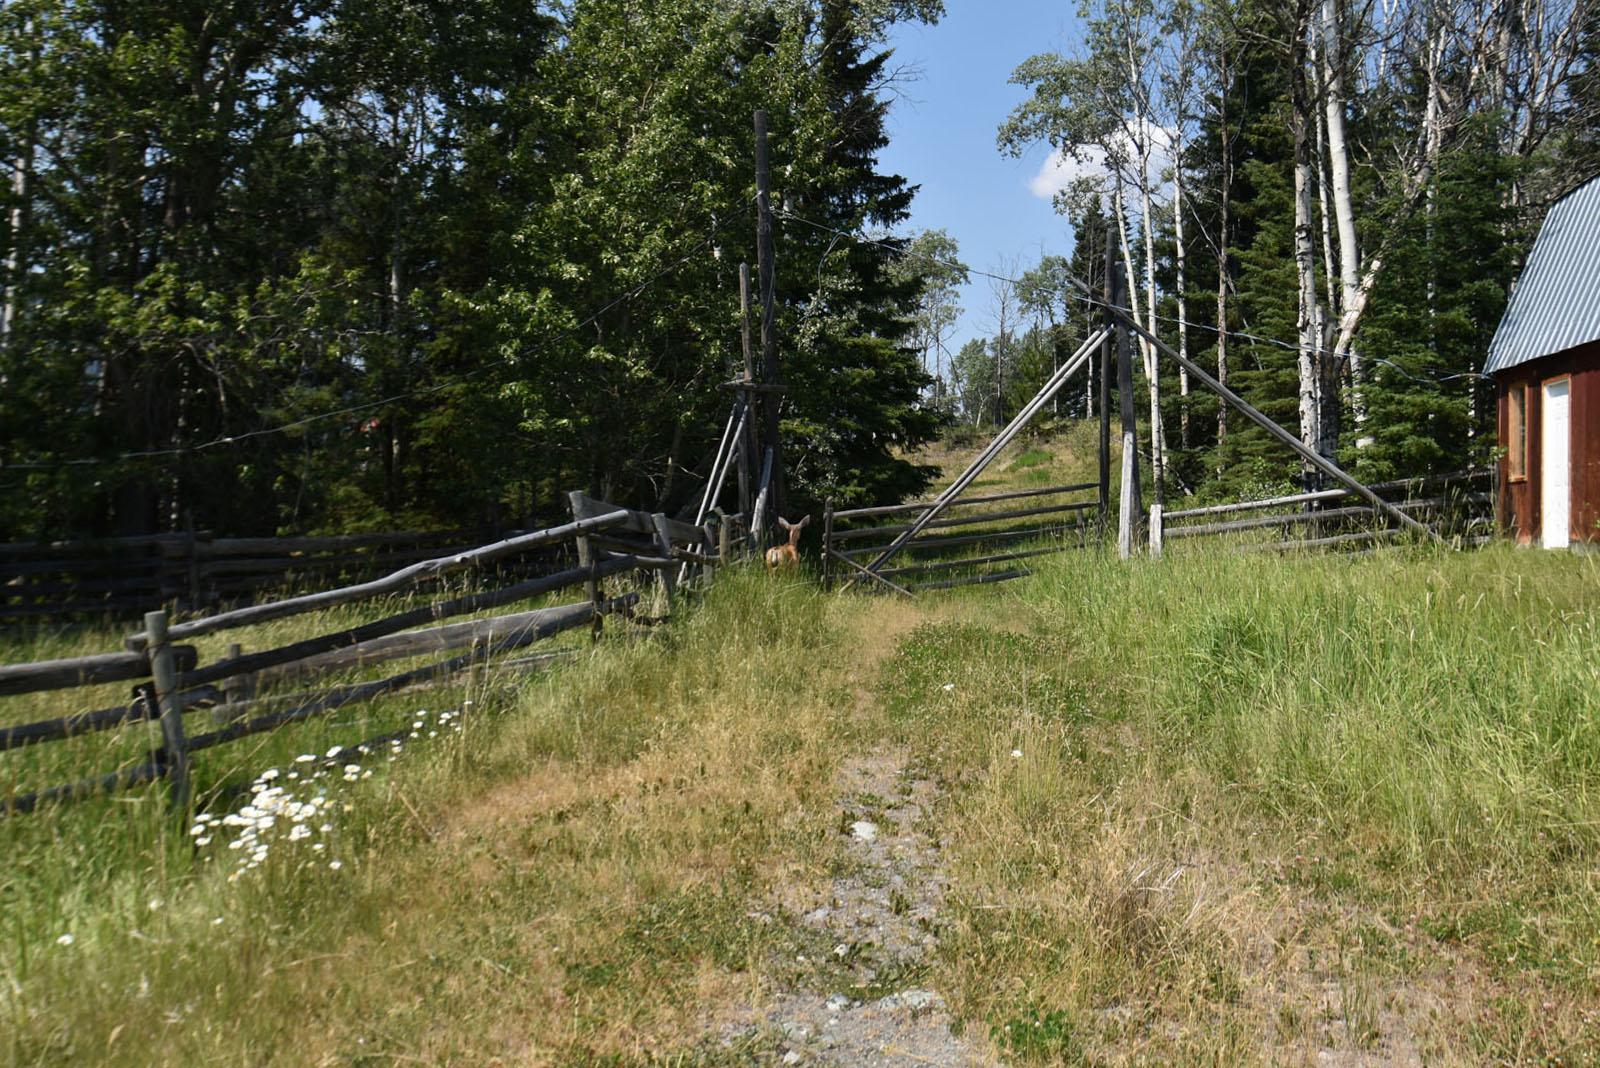 Nuit trails ranch 25